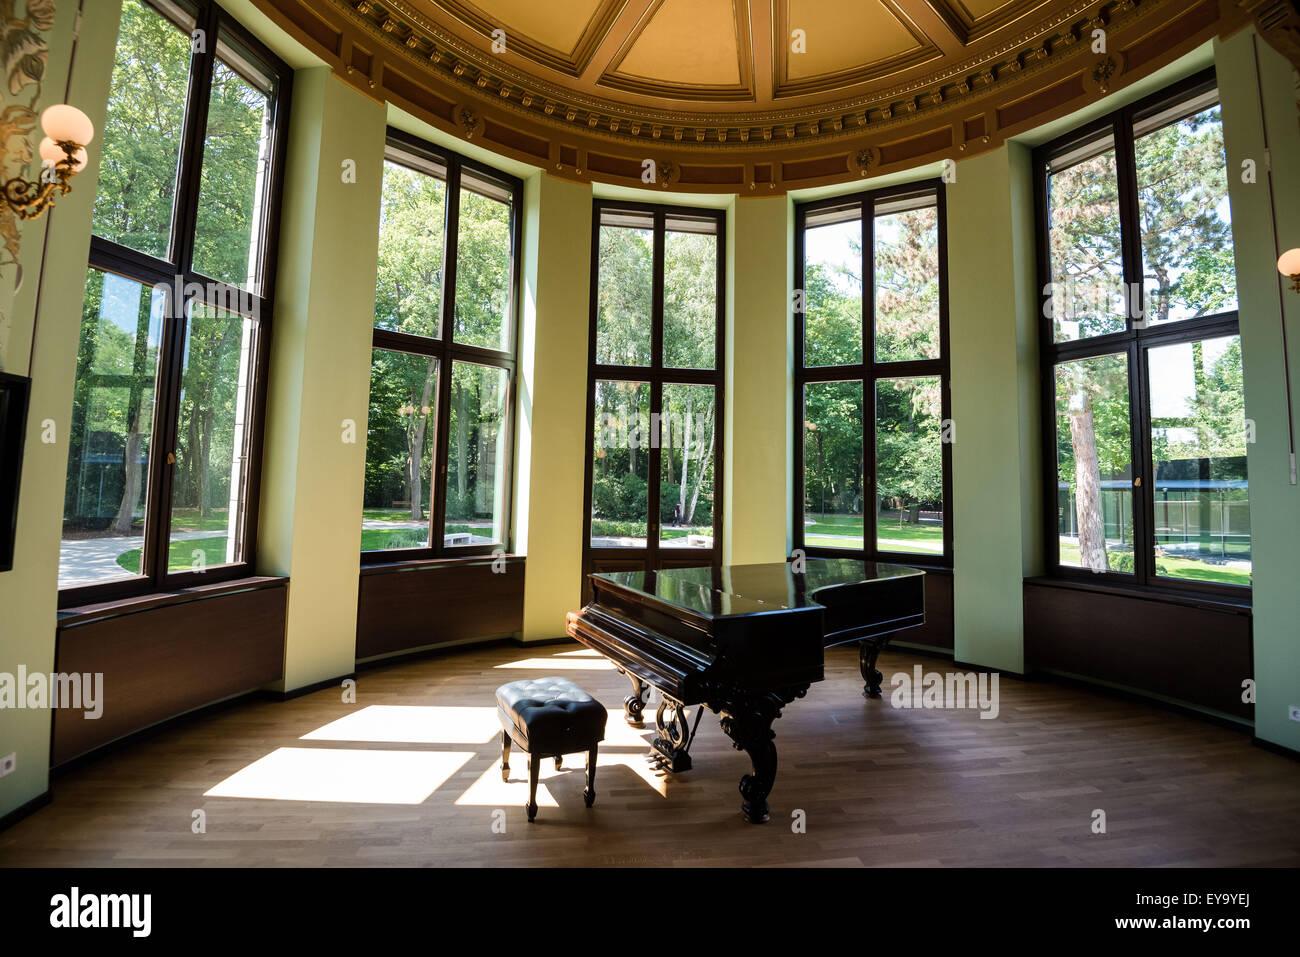 Franz Liszt Liszt - Clifford Curzon - A Liszt Recital